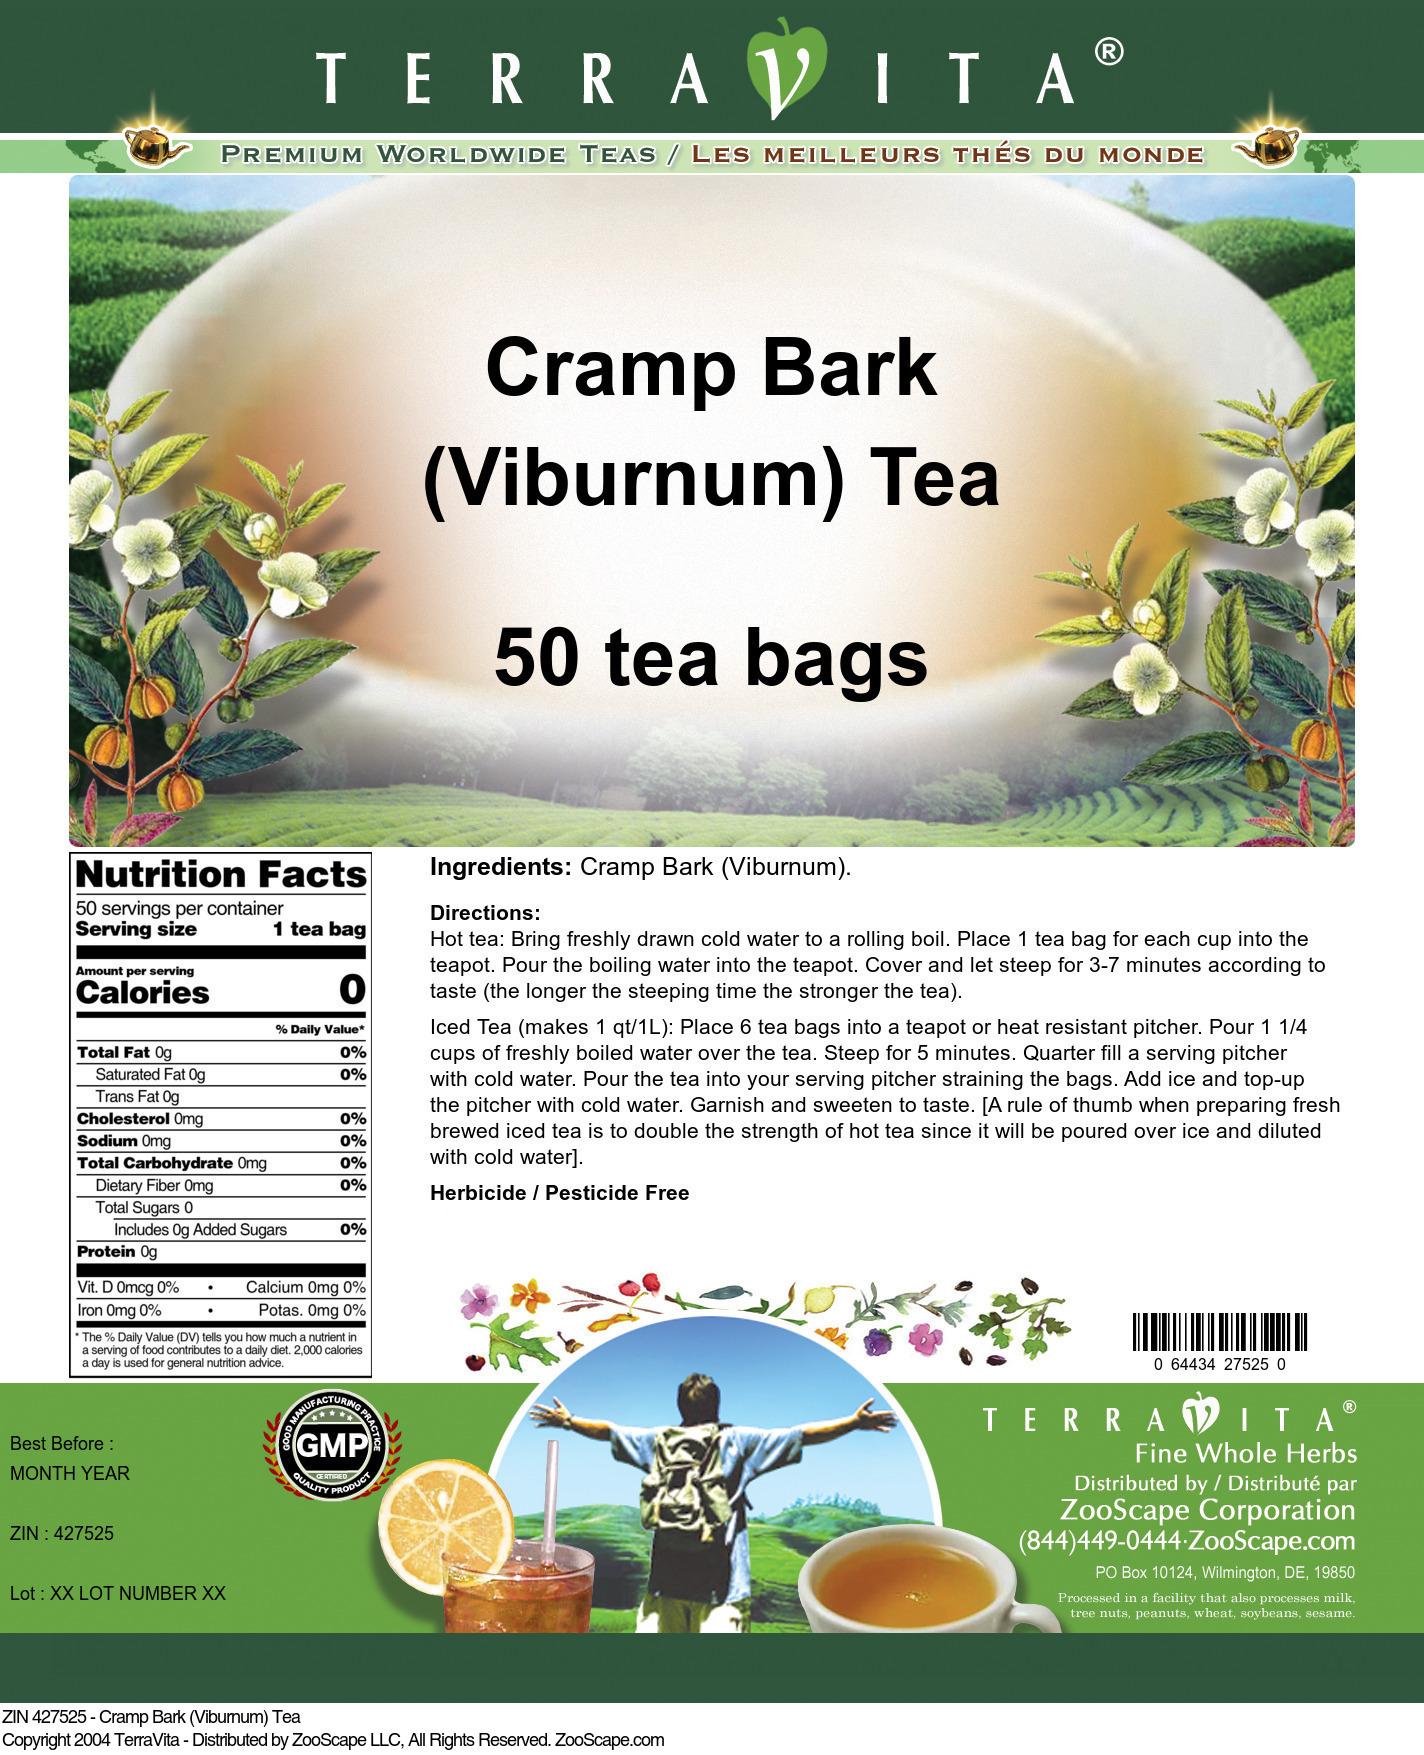 Cramp Bark (Viburnum) Tea